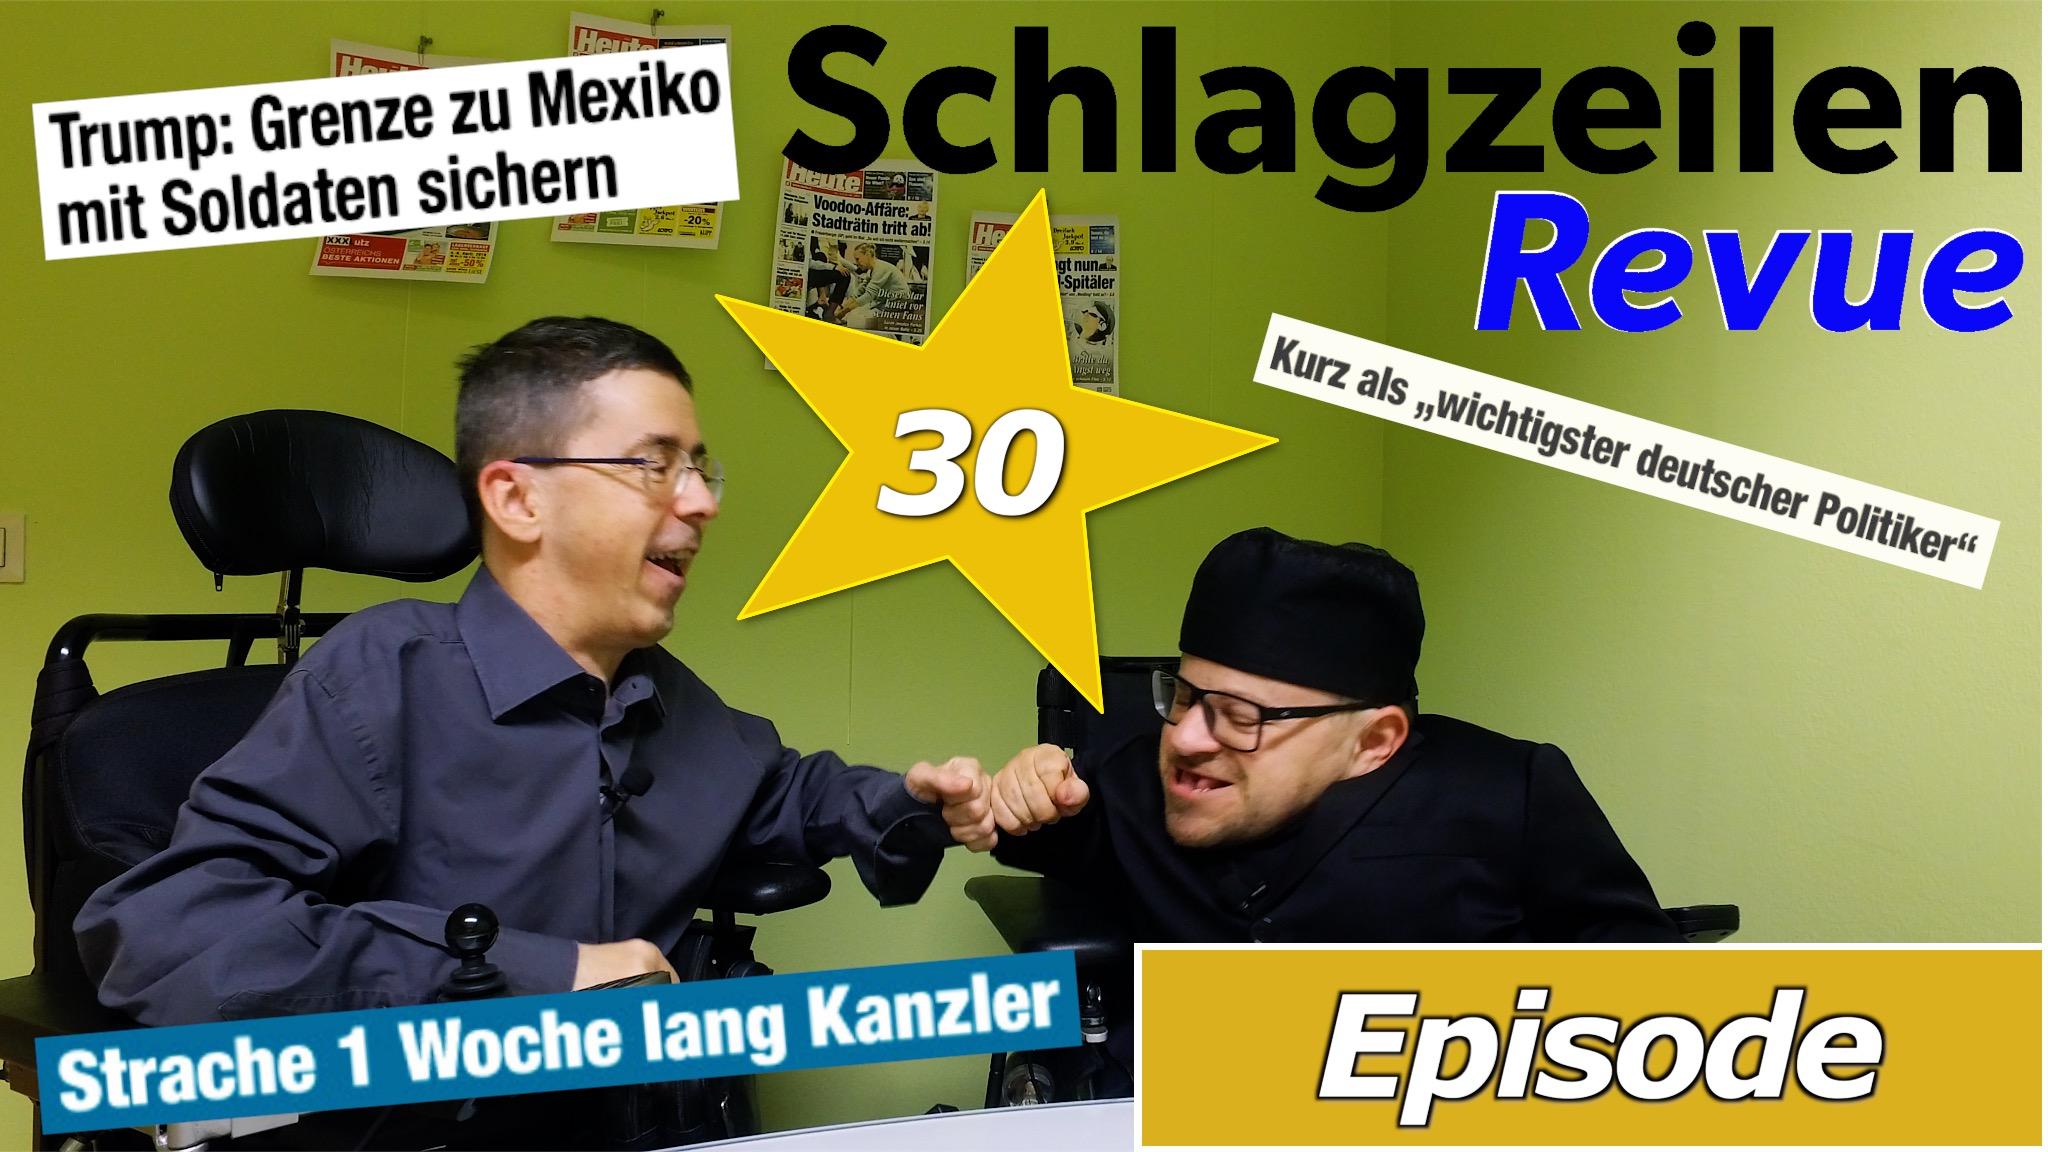 Schlagzeilen Revue vom 8. April 2018